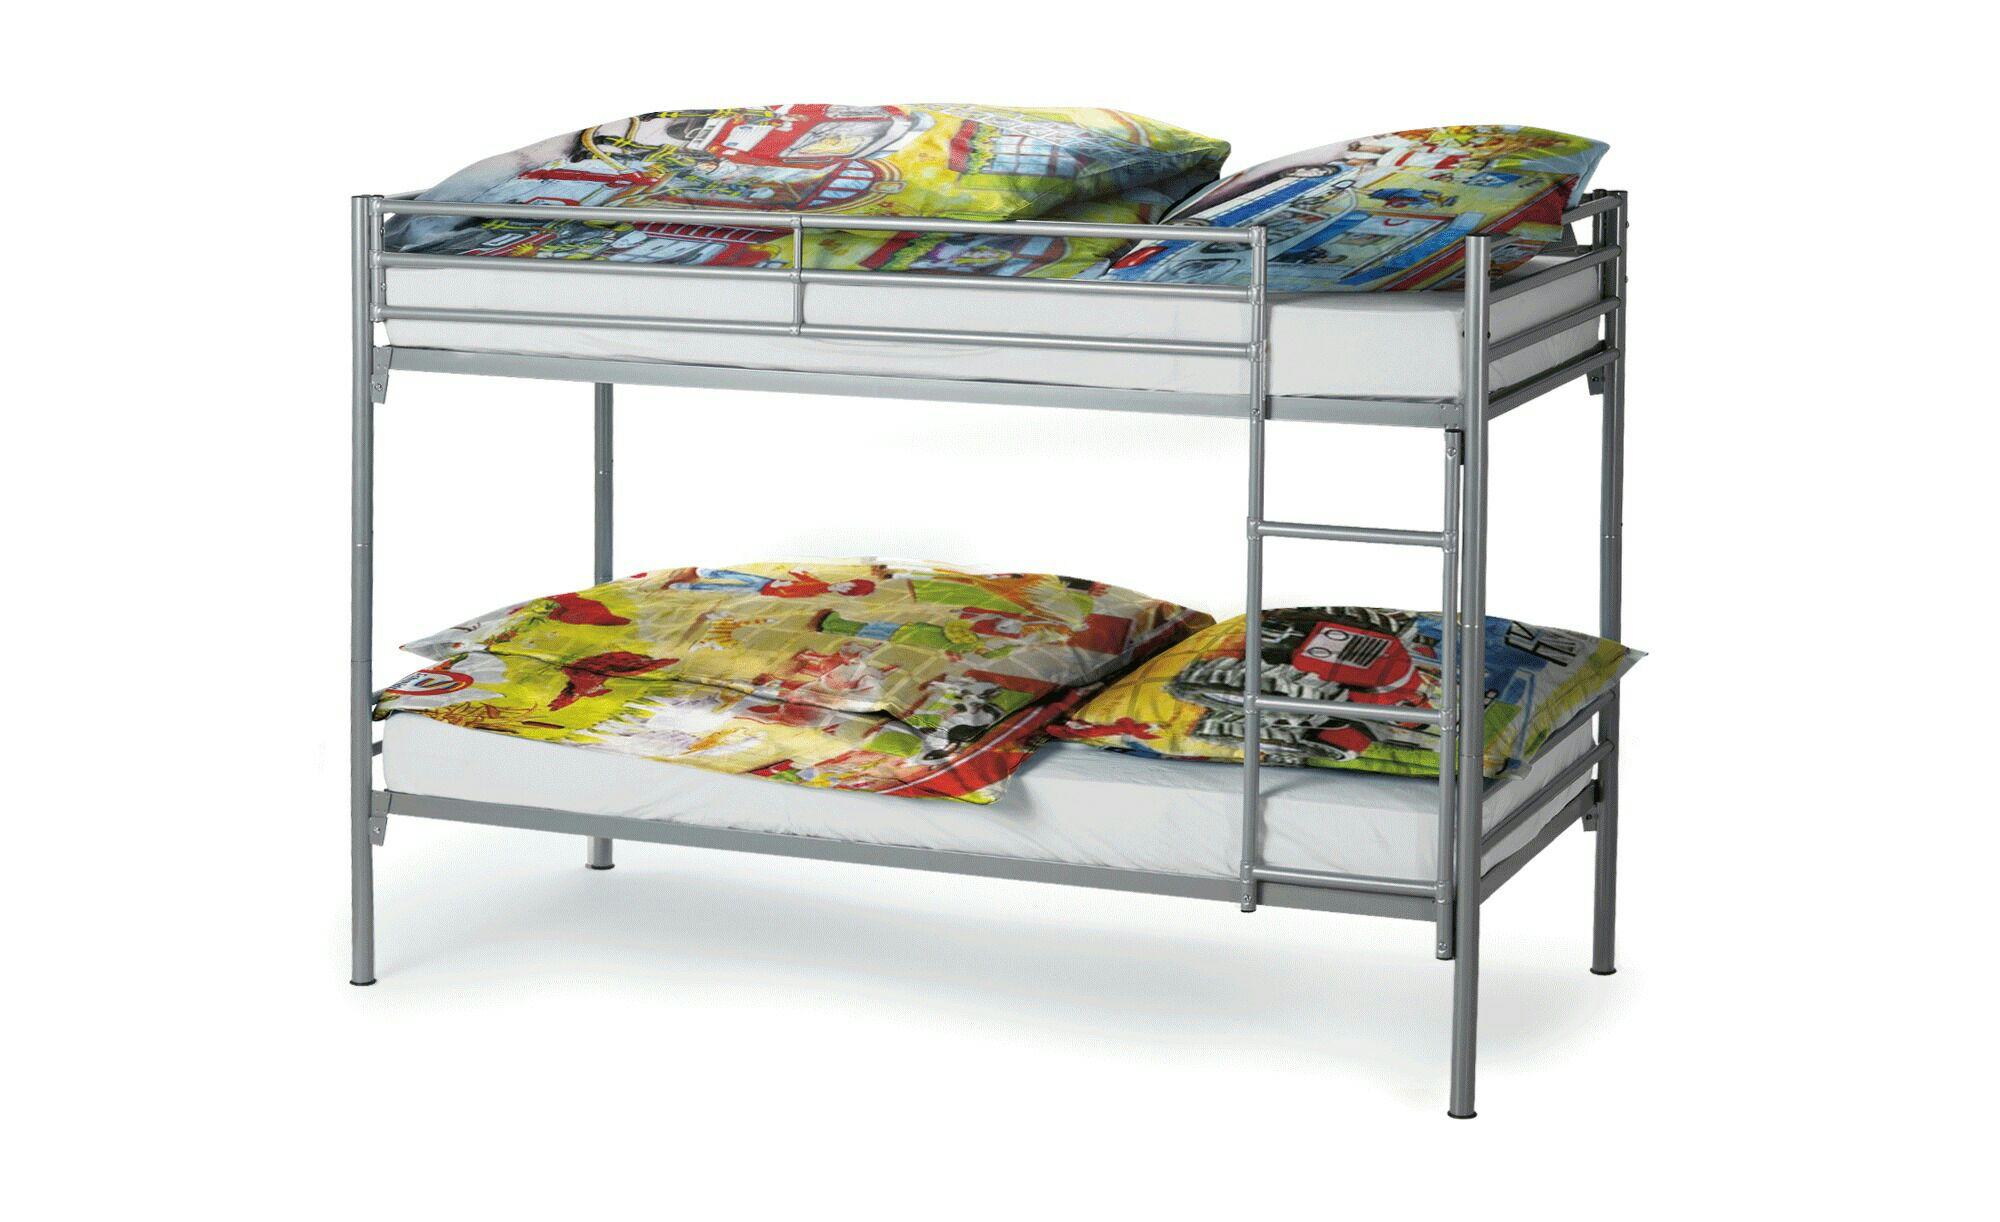 Doppelbett / Etagenbett aus Metall für 39€ Offline @ Sconto (Online +26€)